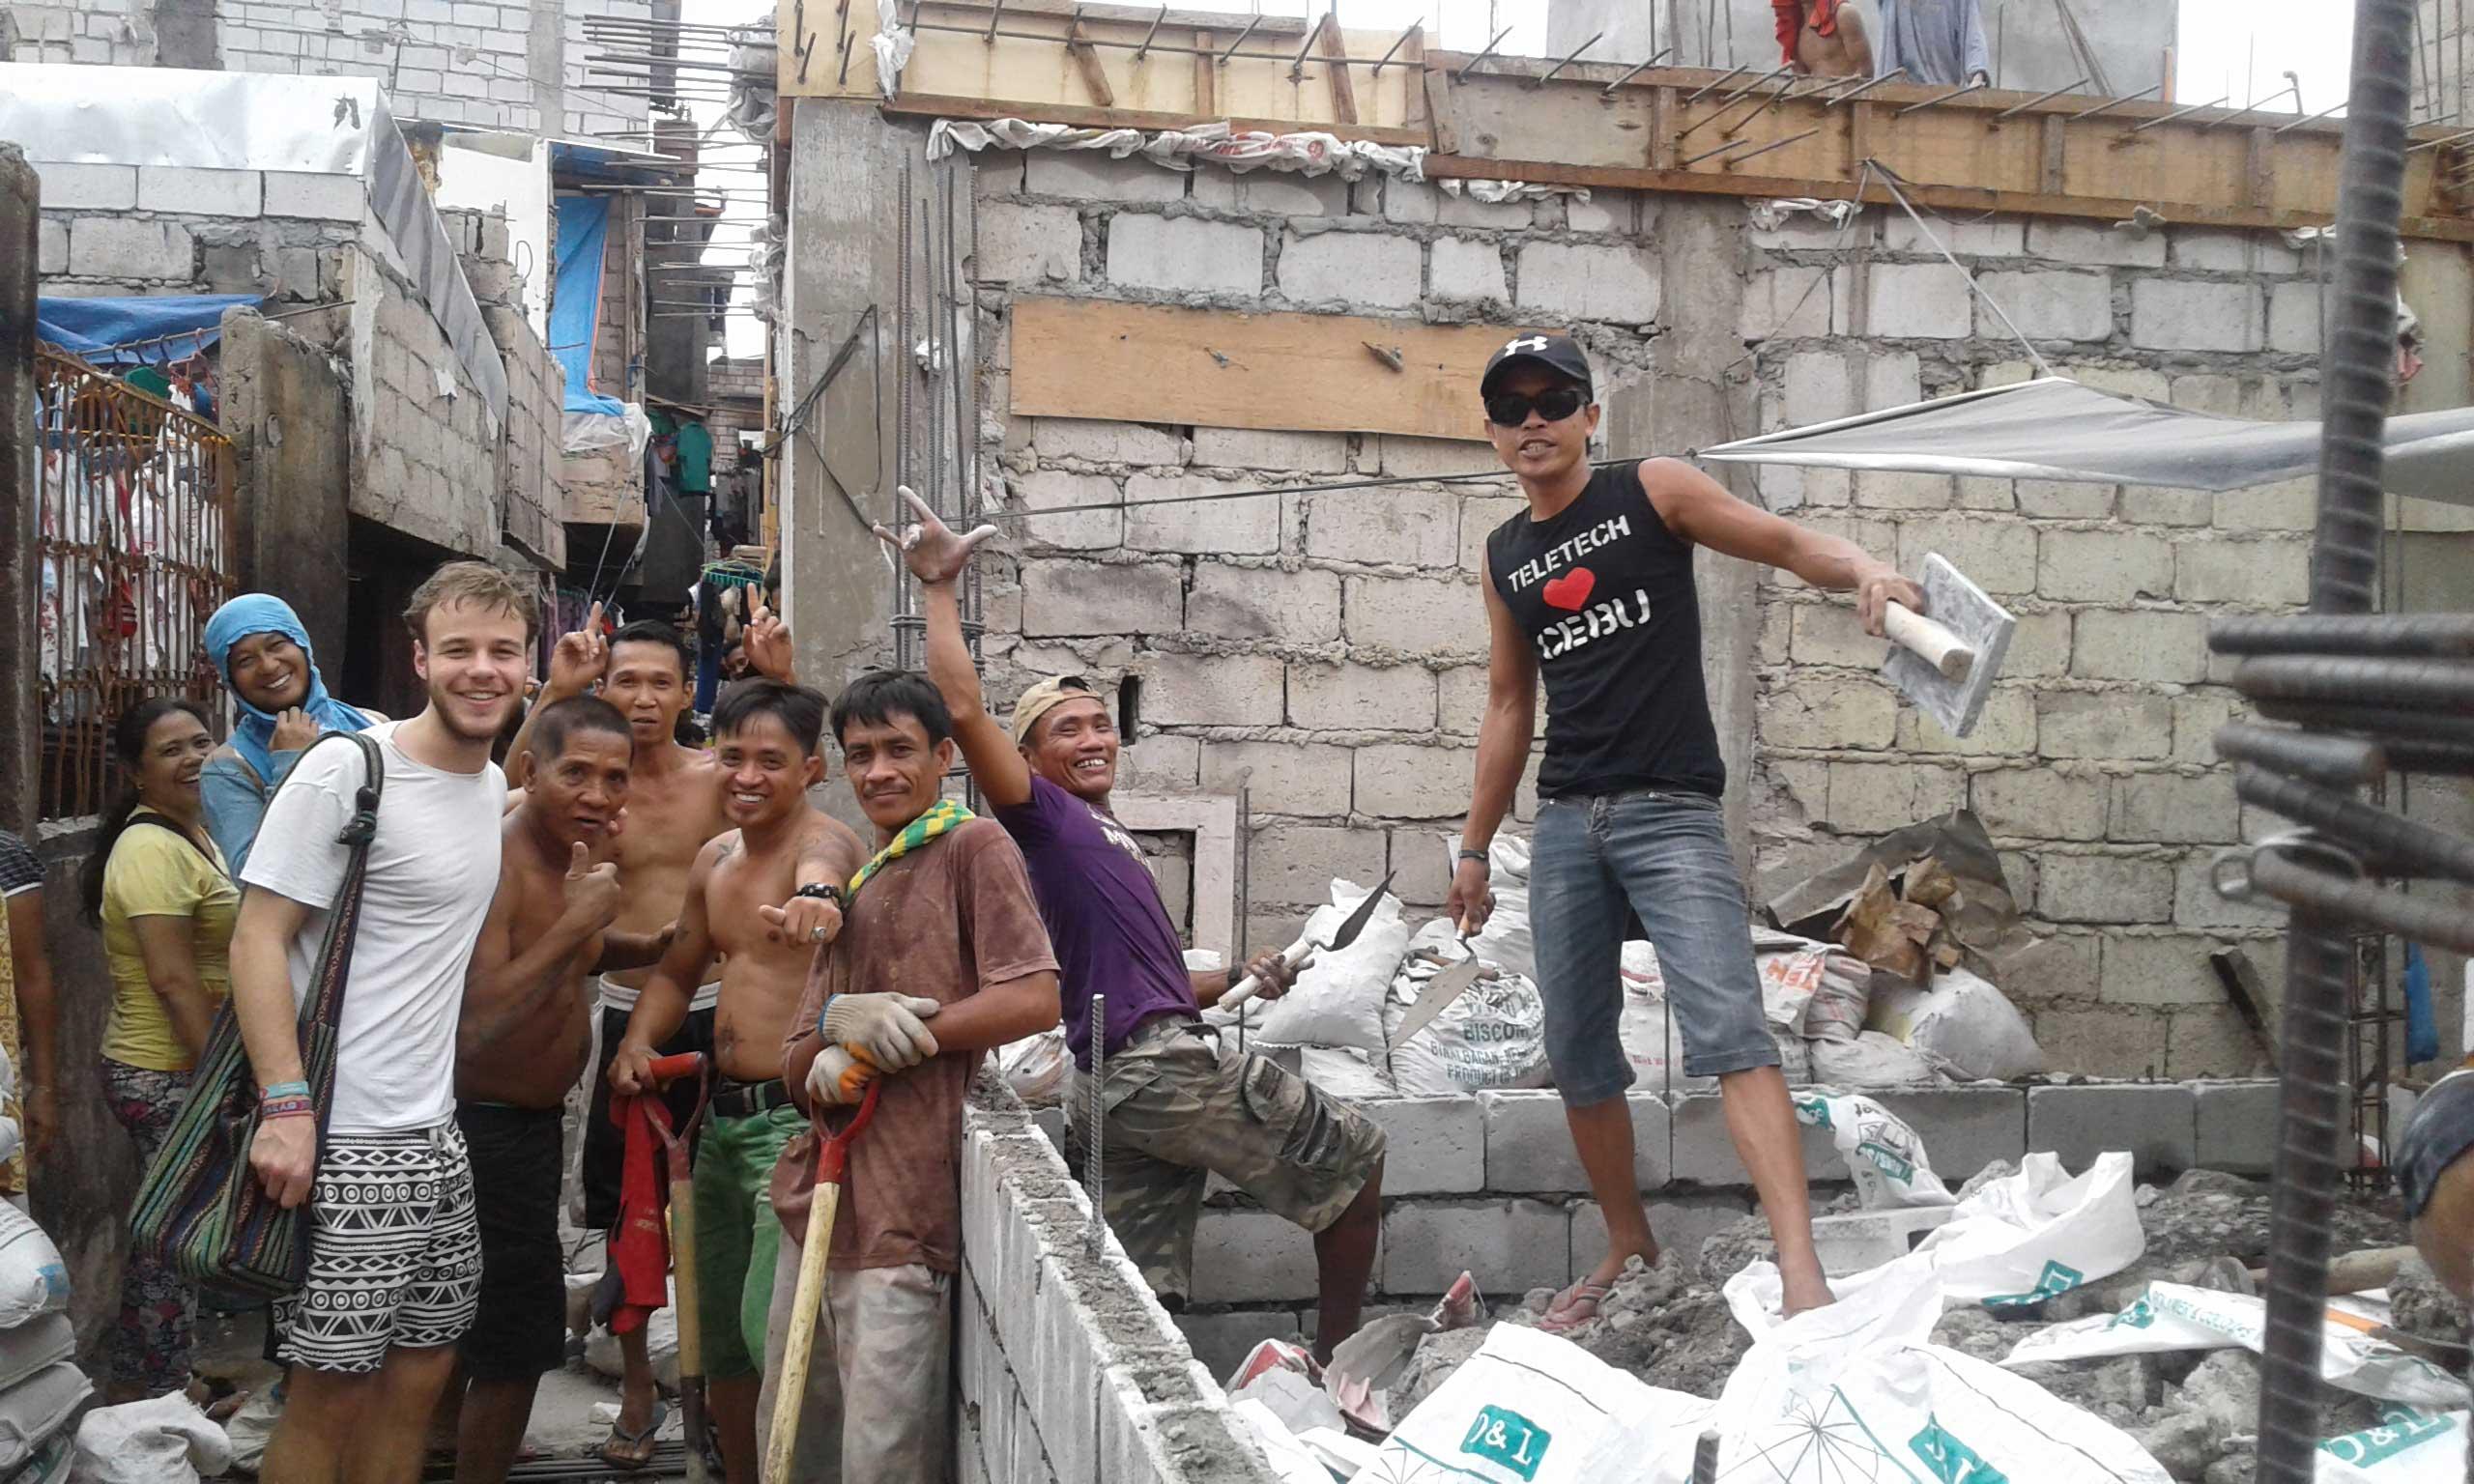 Alexander Meisinger unterwegs in Manila - Er trifft auf Menschen, die sich ihr Zuhause ganz neu aufbauen müssen